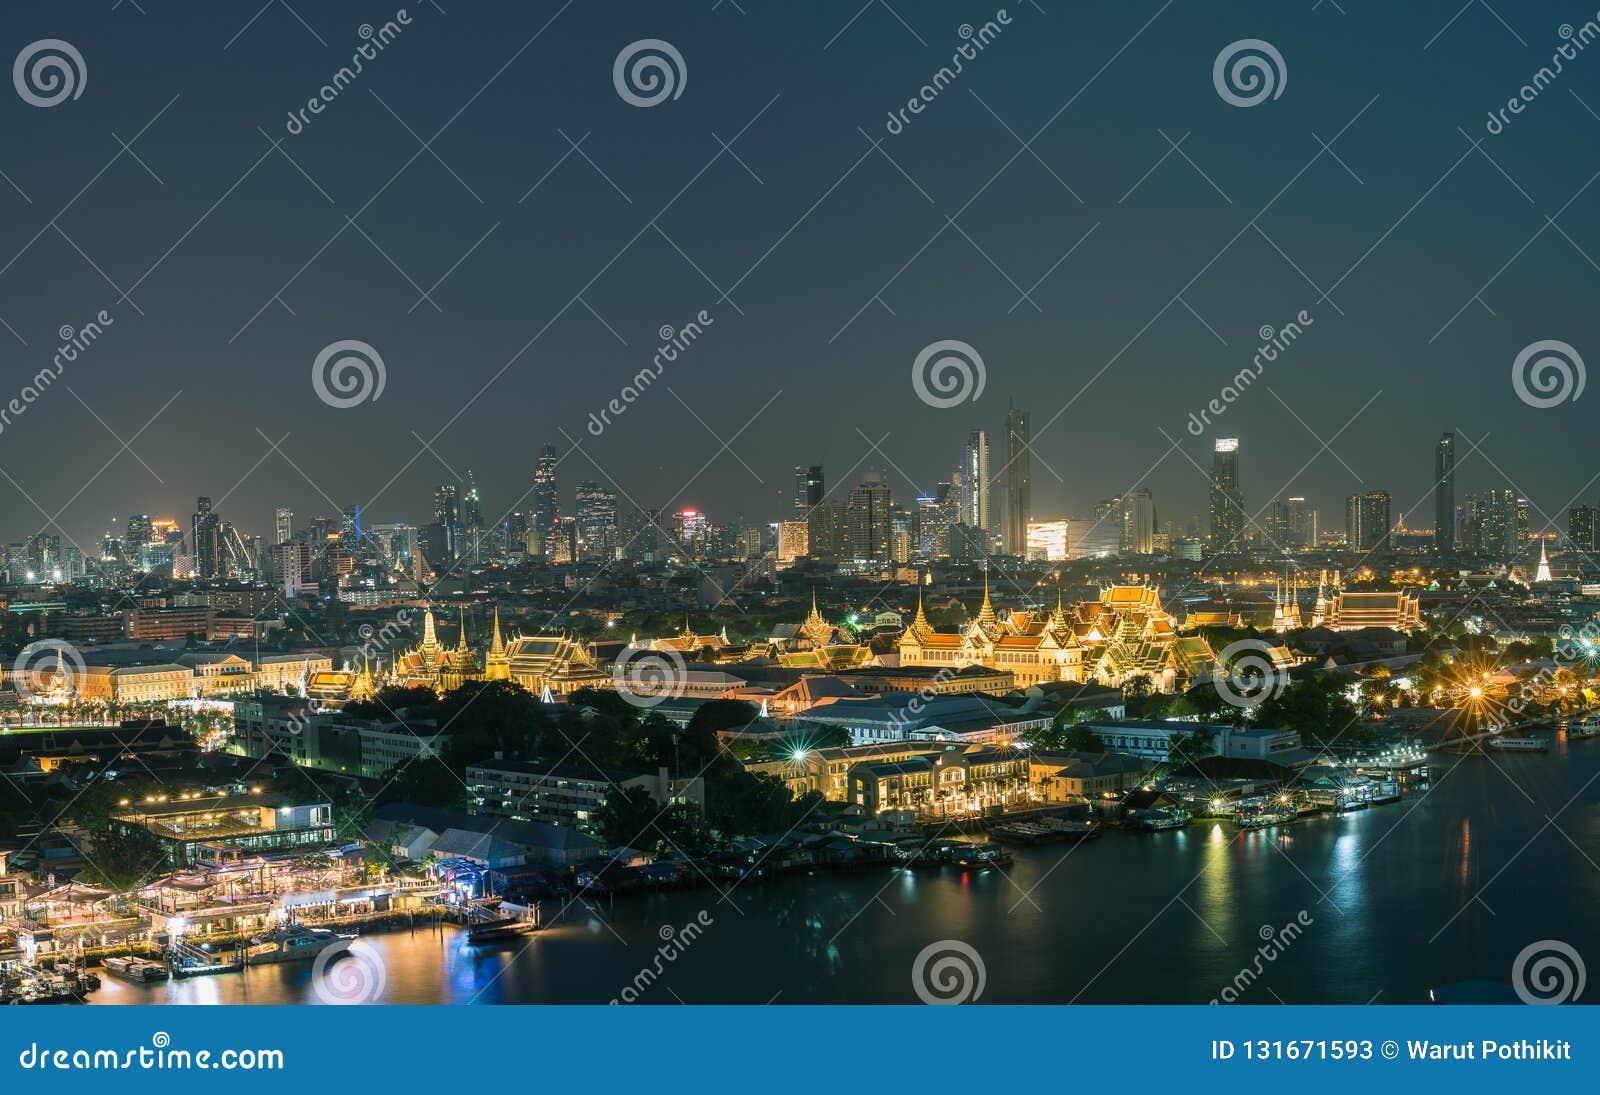 Ungesehene Thailand-nigth Panoramaansicht der großartige Palast